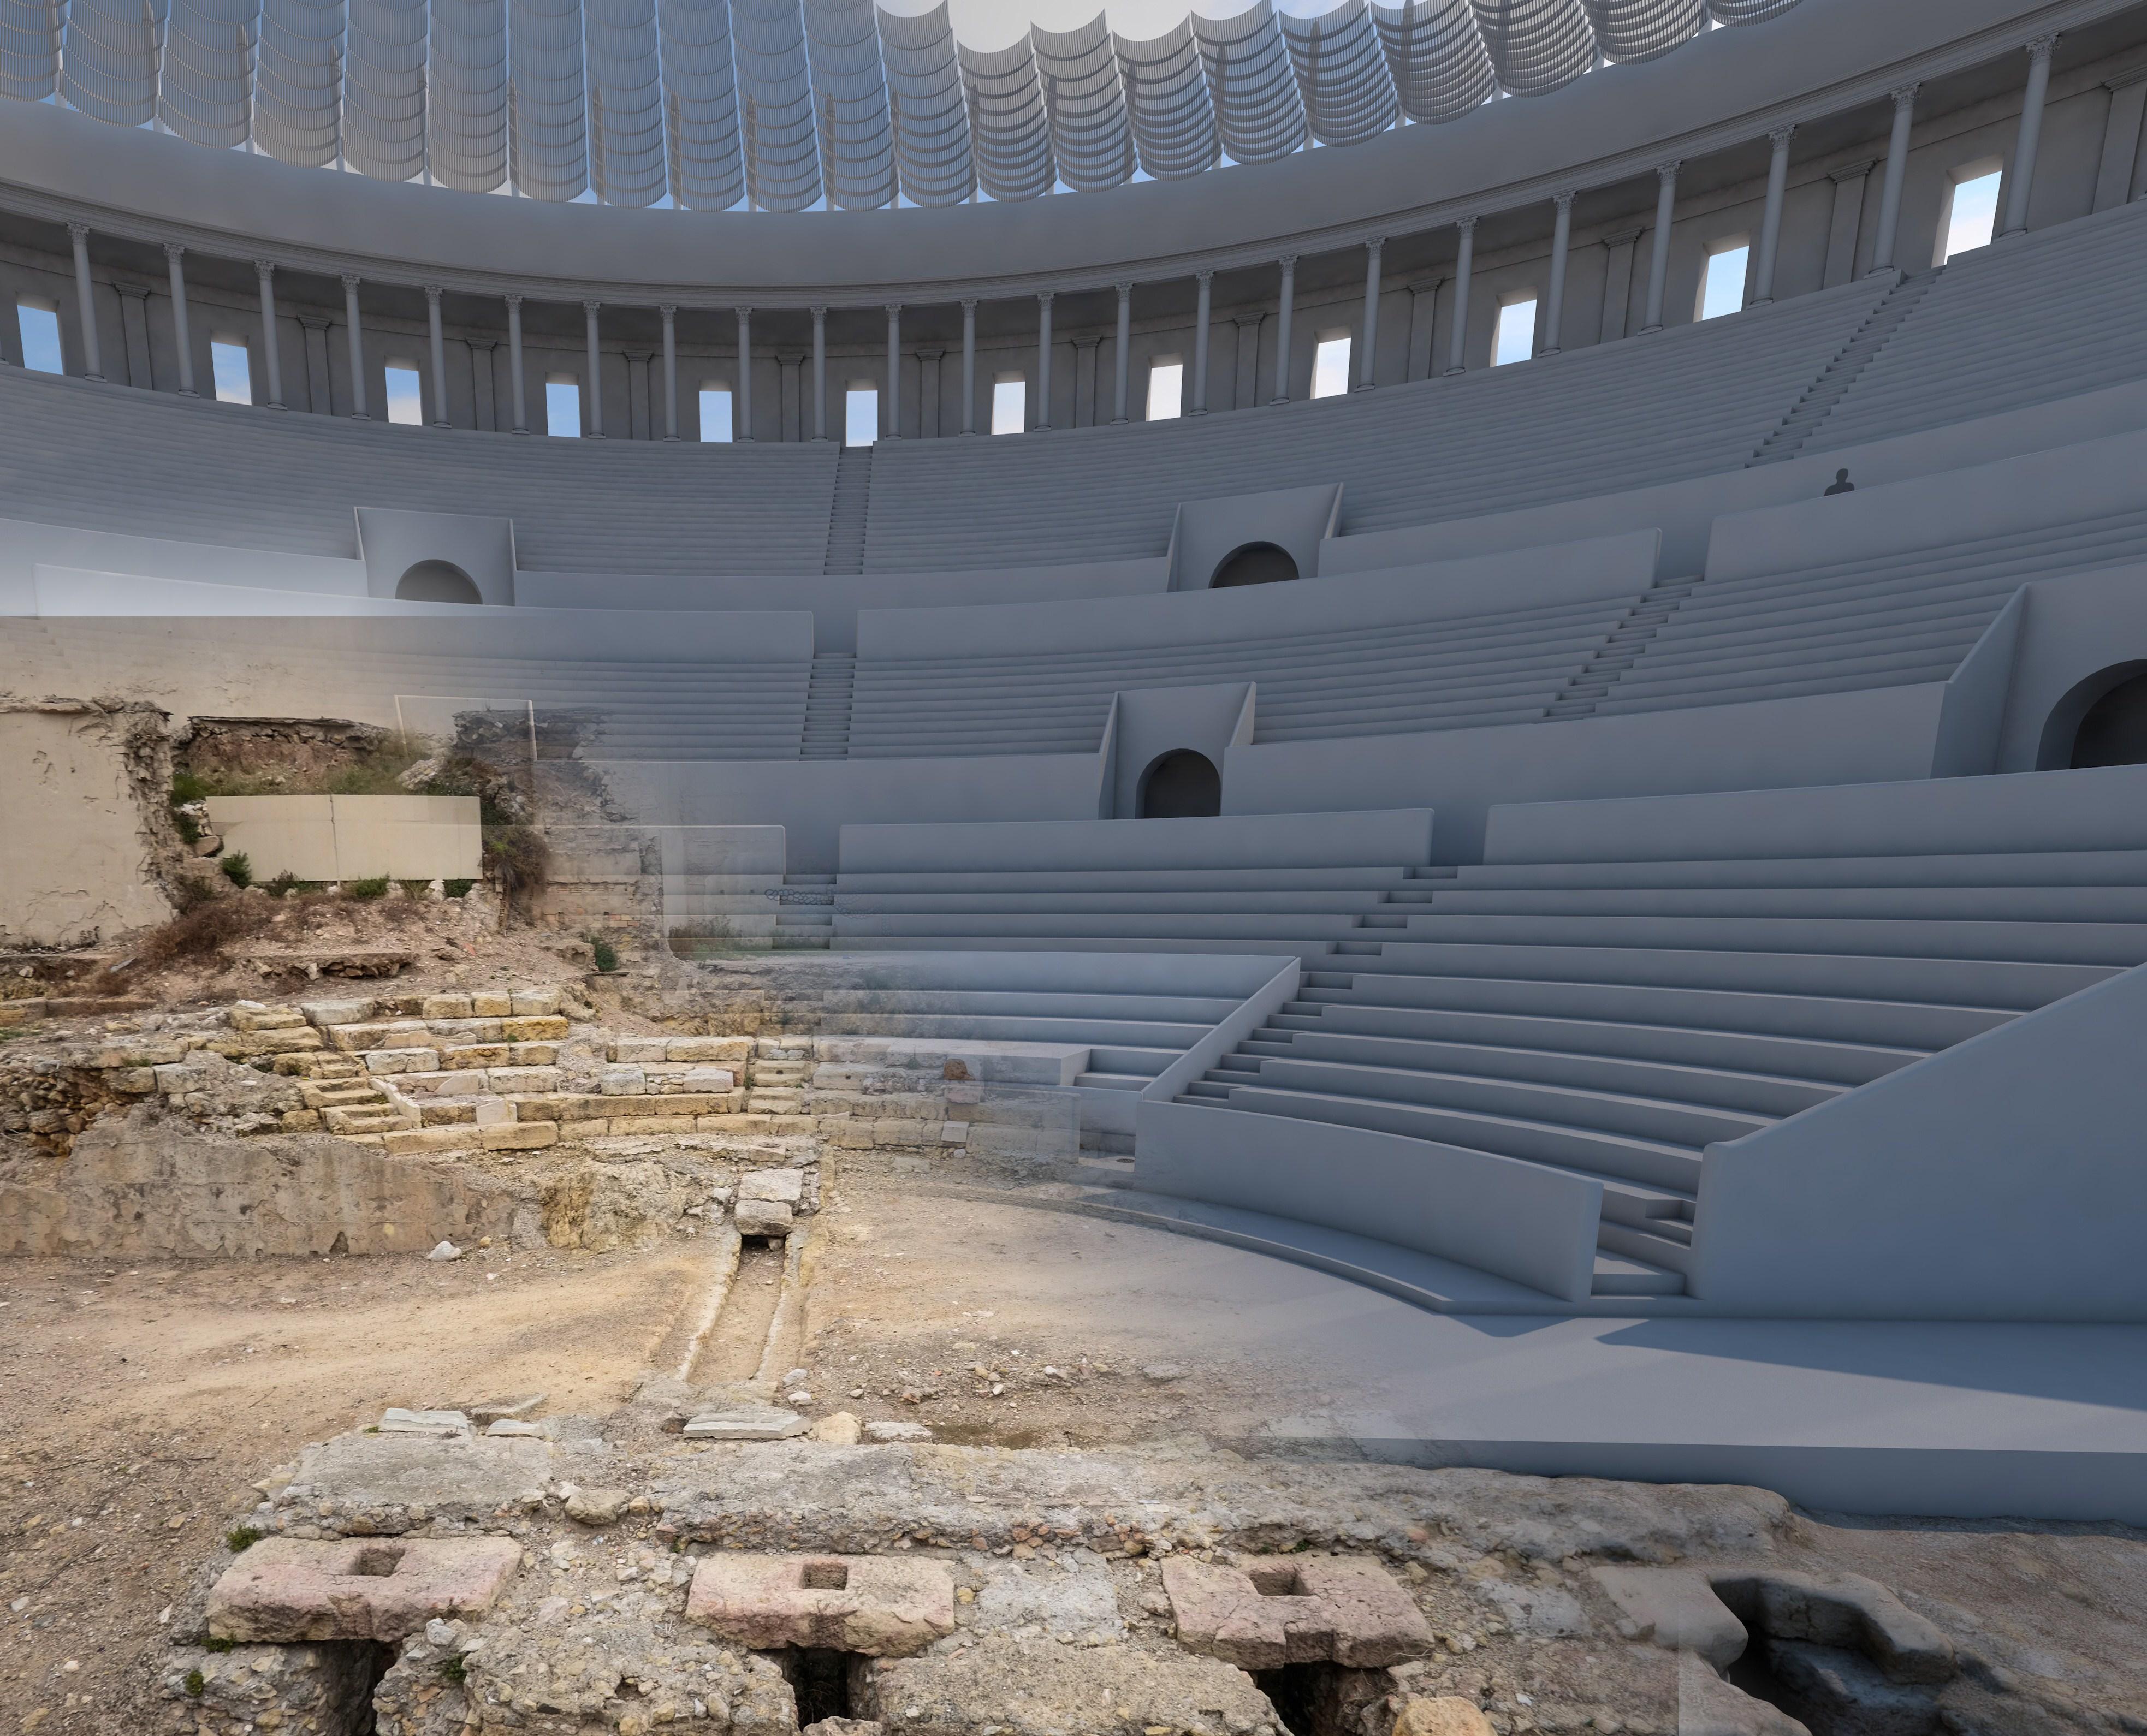 Reconstrucció de l'interior del teatre, amb fotografies de les runes actuals i imatges virtuals en 3-D de parts de la instal·lació original.